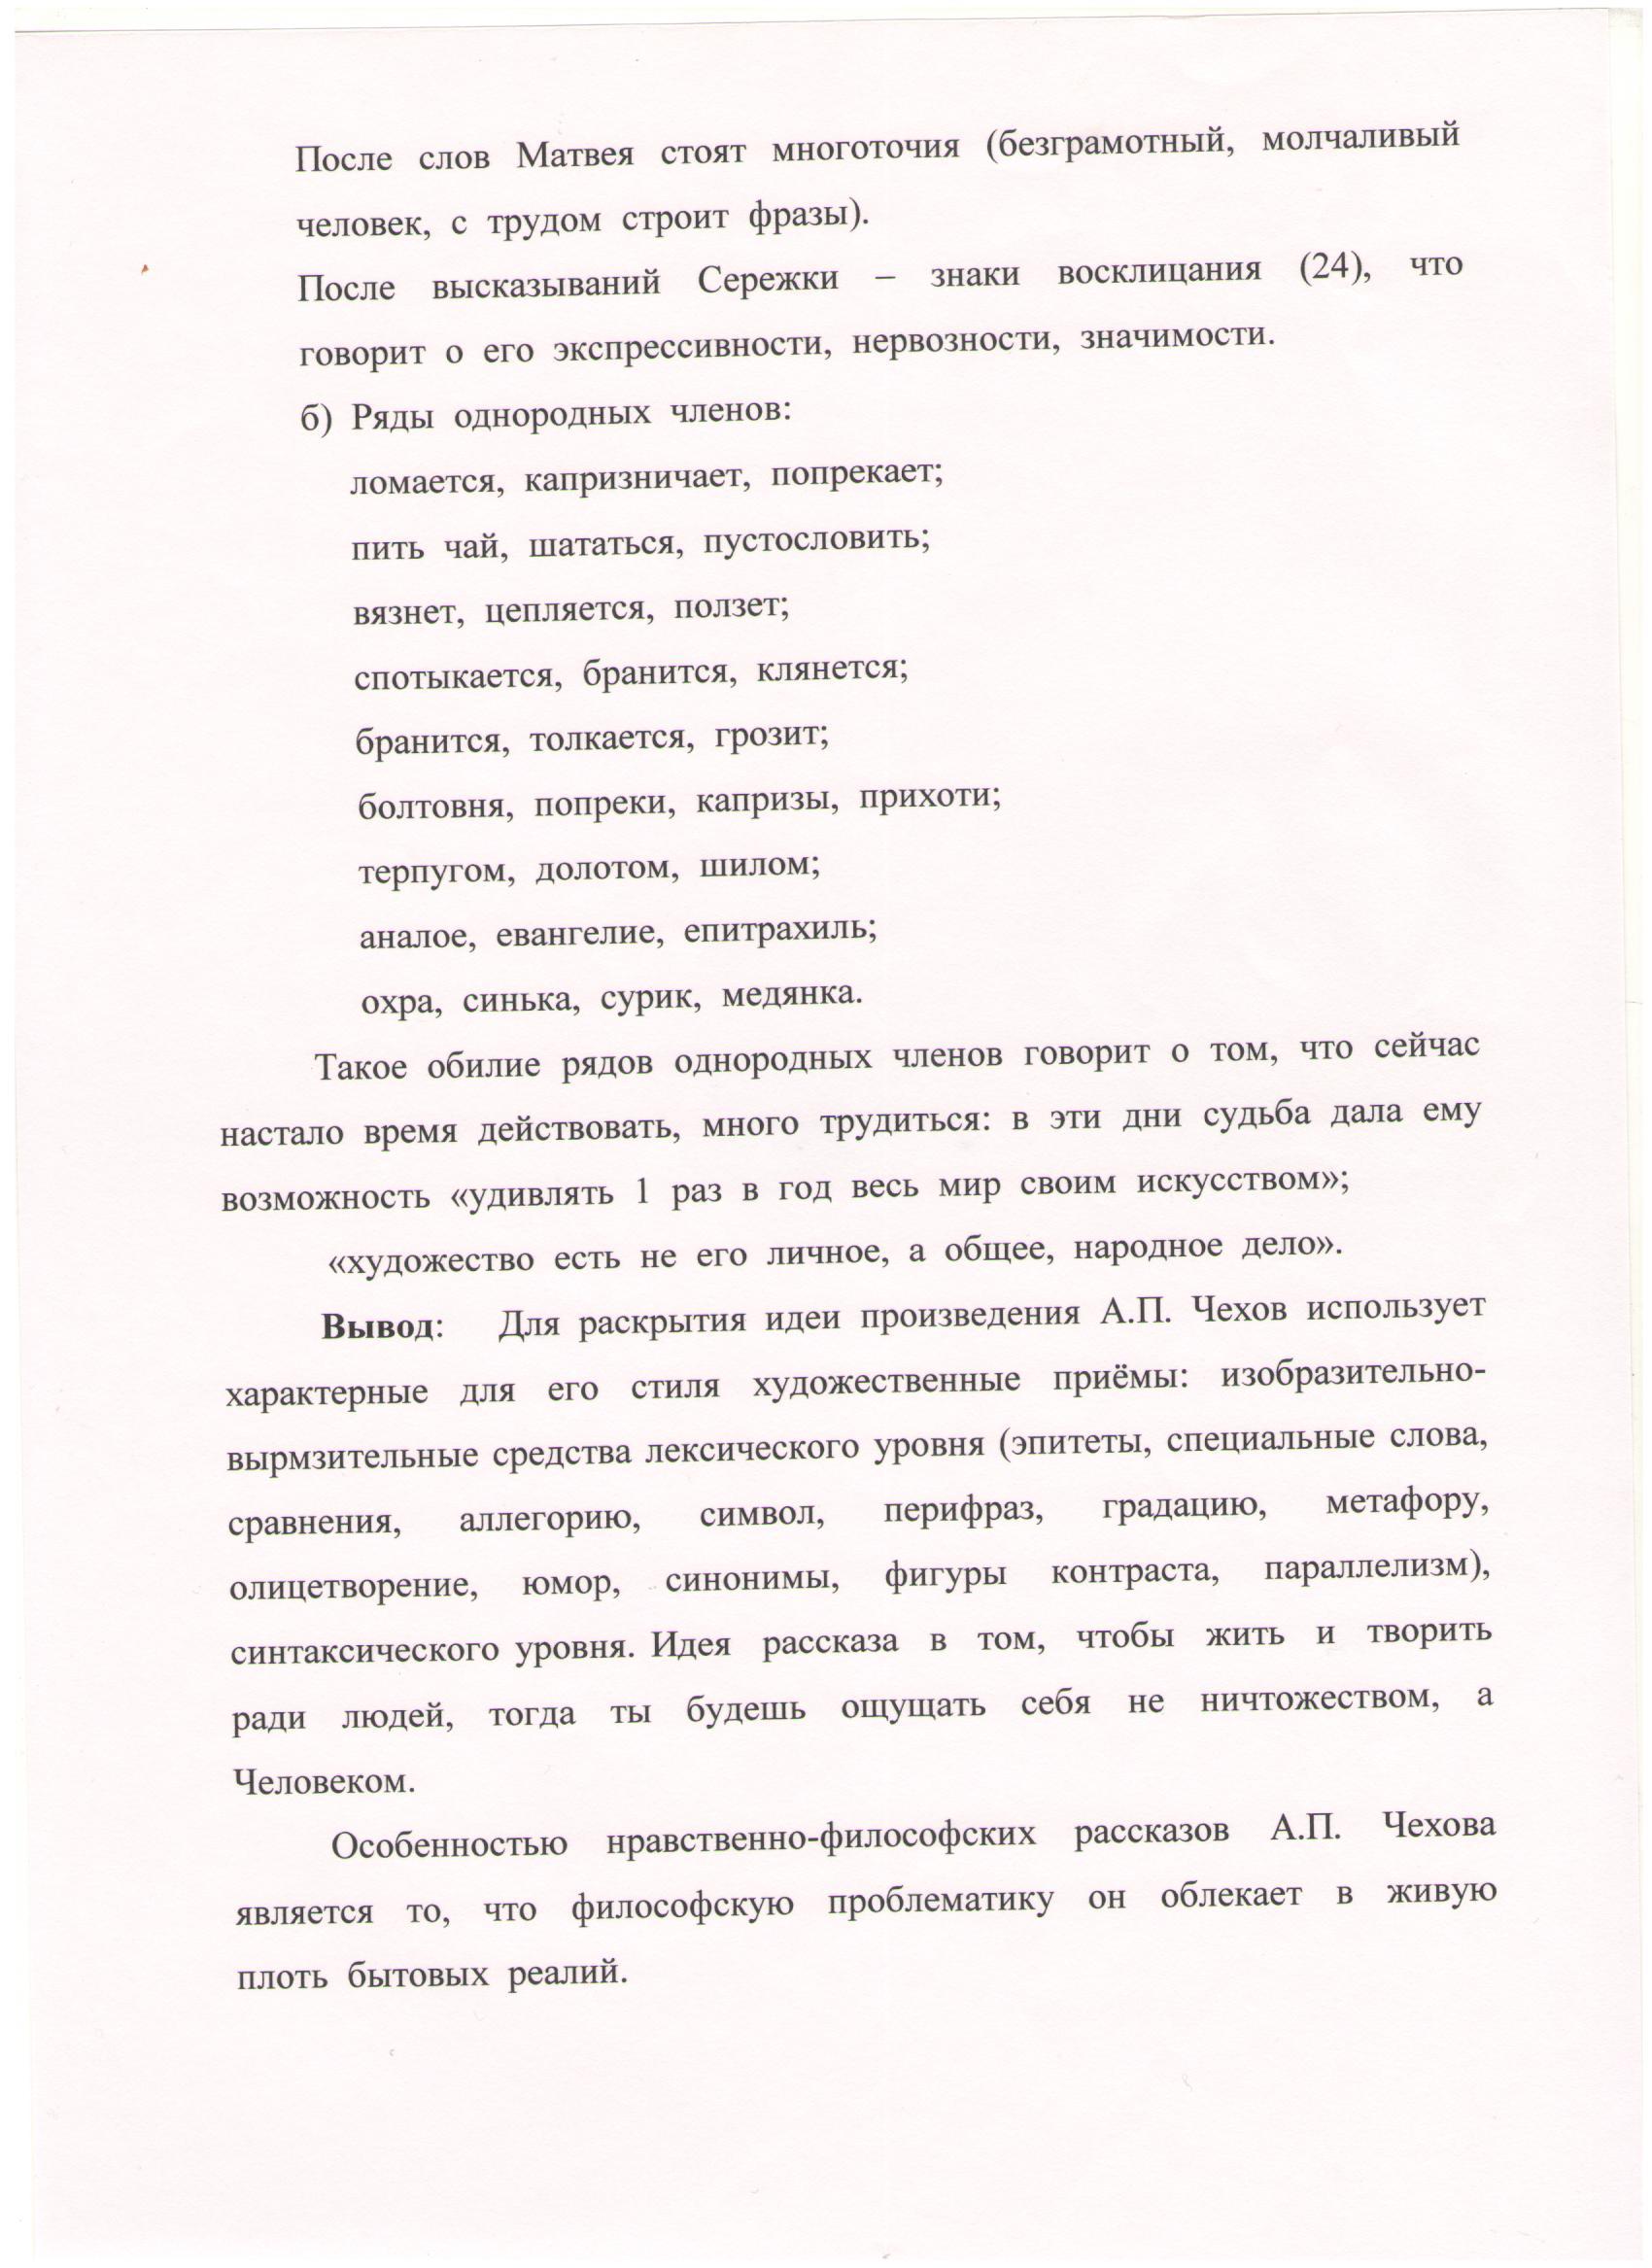 C:\Documents and Settings\Учитель\Рабочий стол\Новая папка\Работа Светы 25.jpg